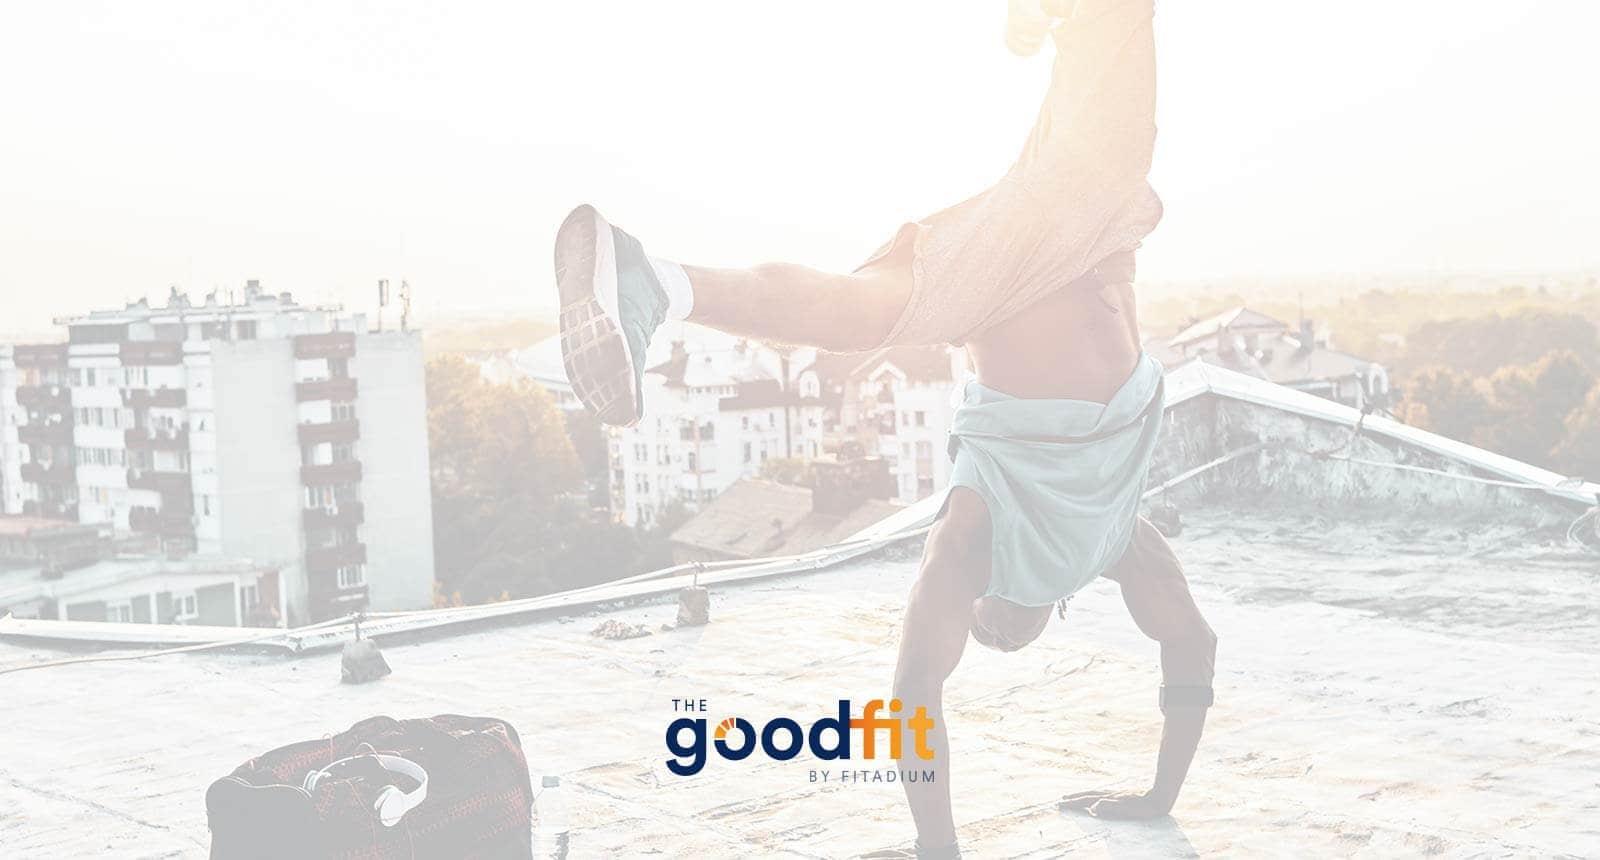 Dobry sport i jedzenie dla sportowców